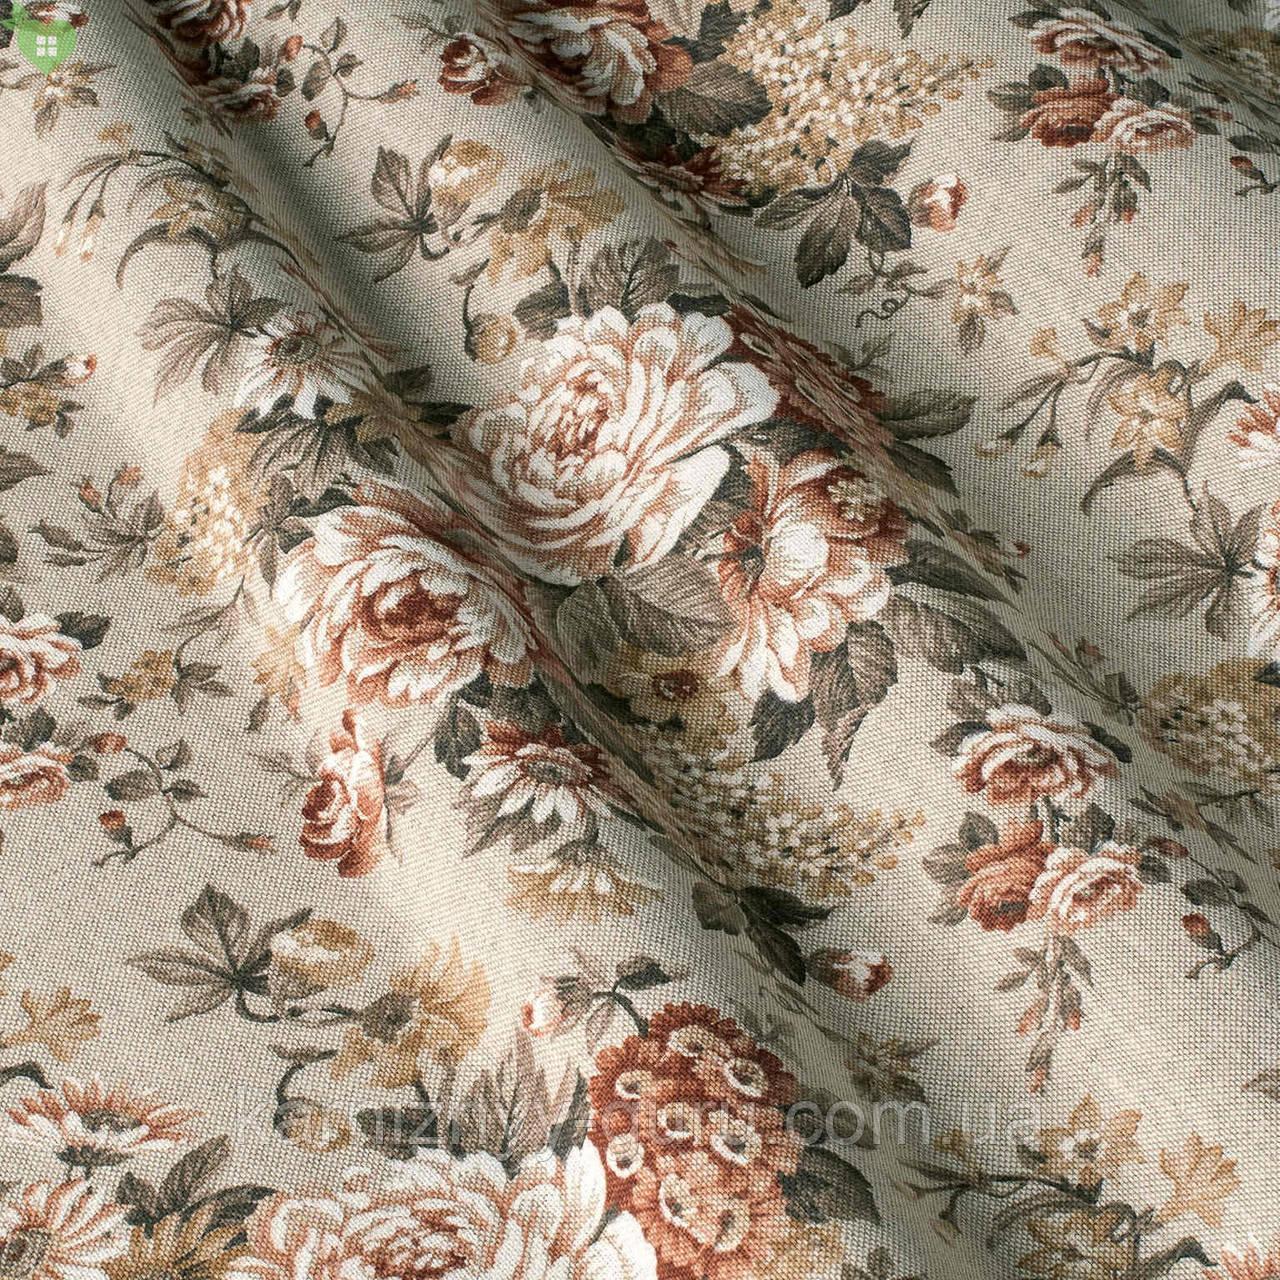 Декоративная ткань с коричневыми и бежевыми цветами на светло-сером фоне Испания 82357v2